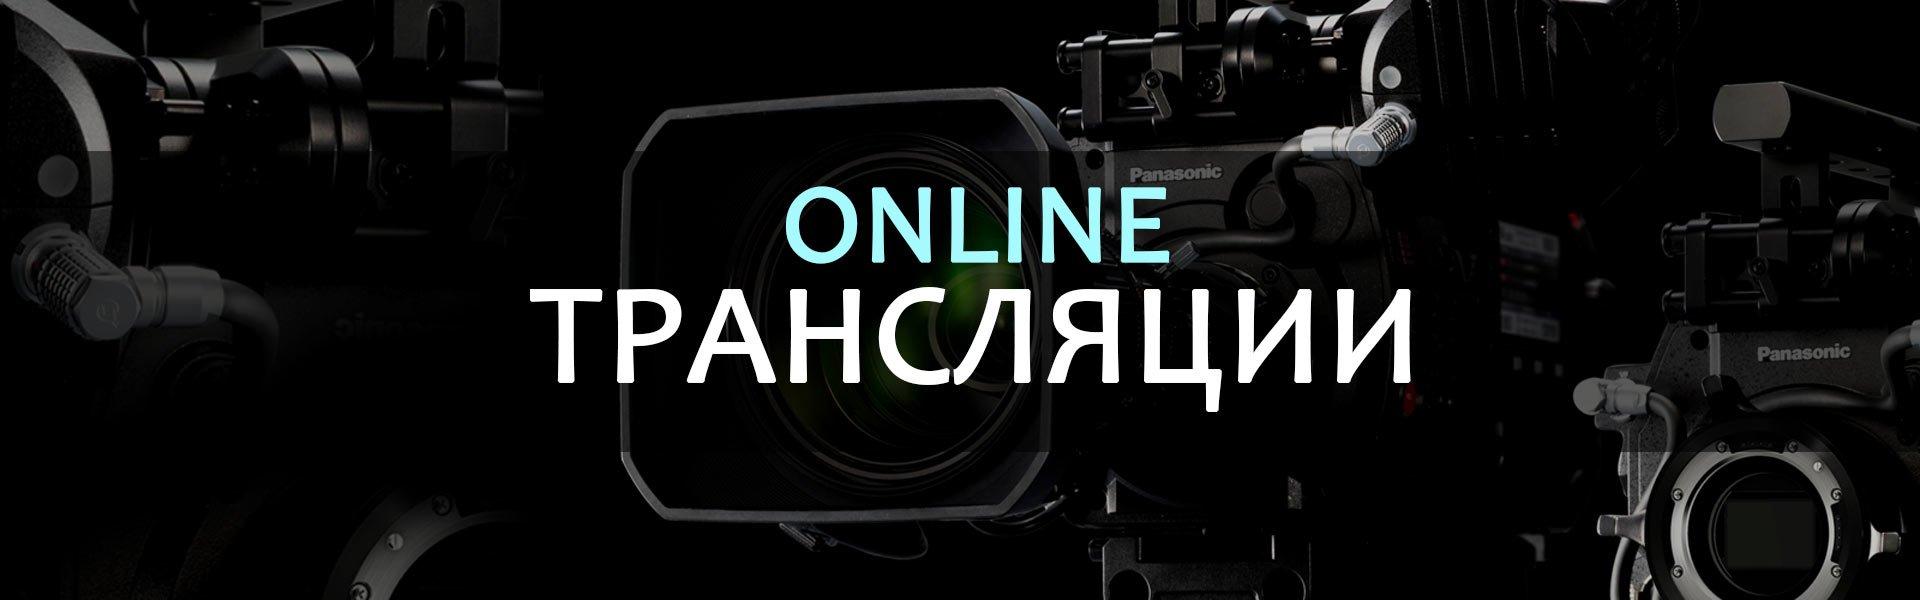 Видеооператор Киев. Фото видеосъемка. Услуги видеооператора Киев. Аэросъемка.